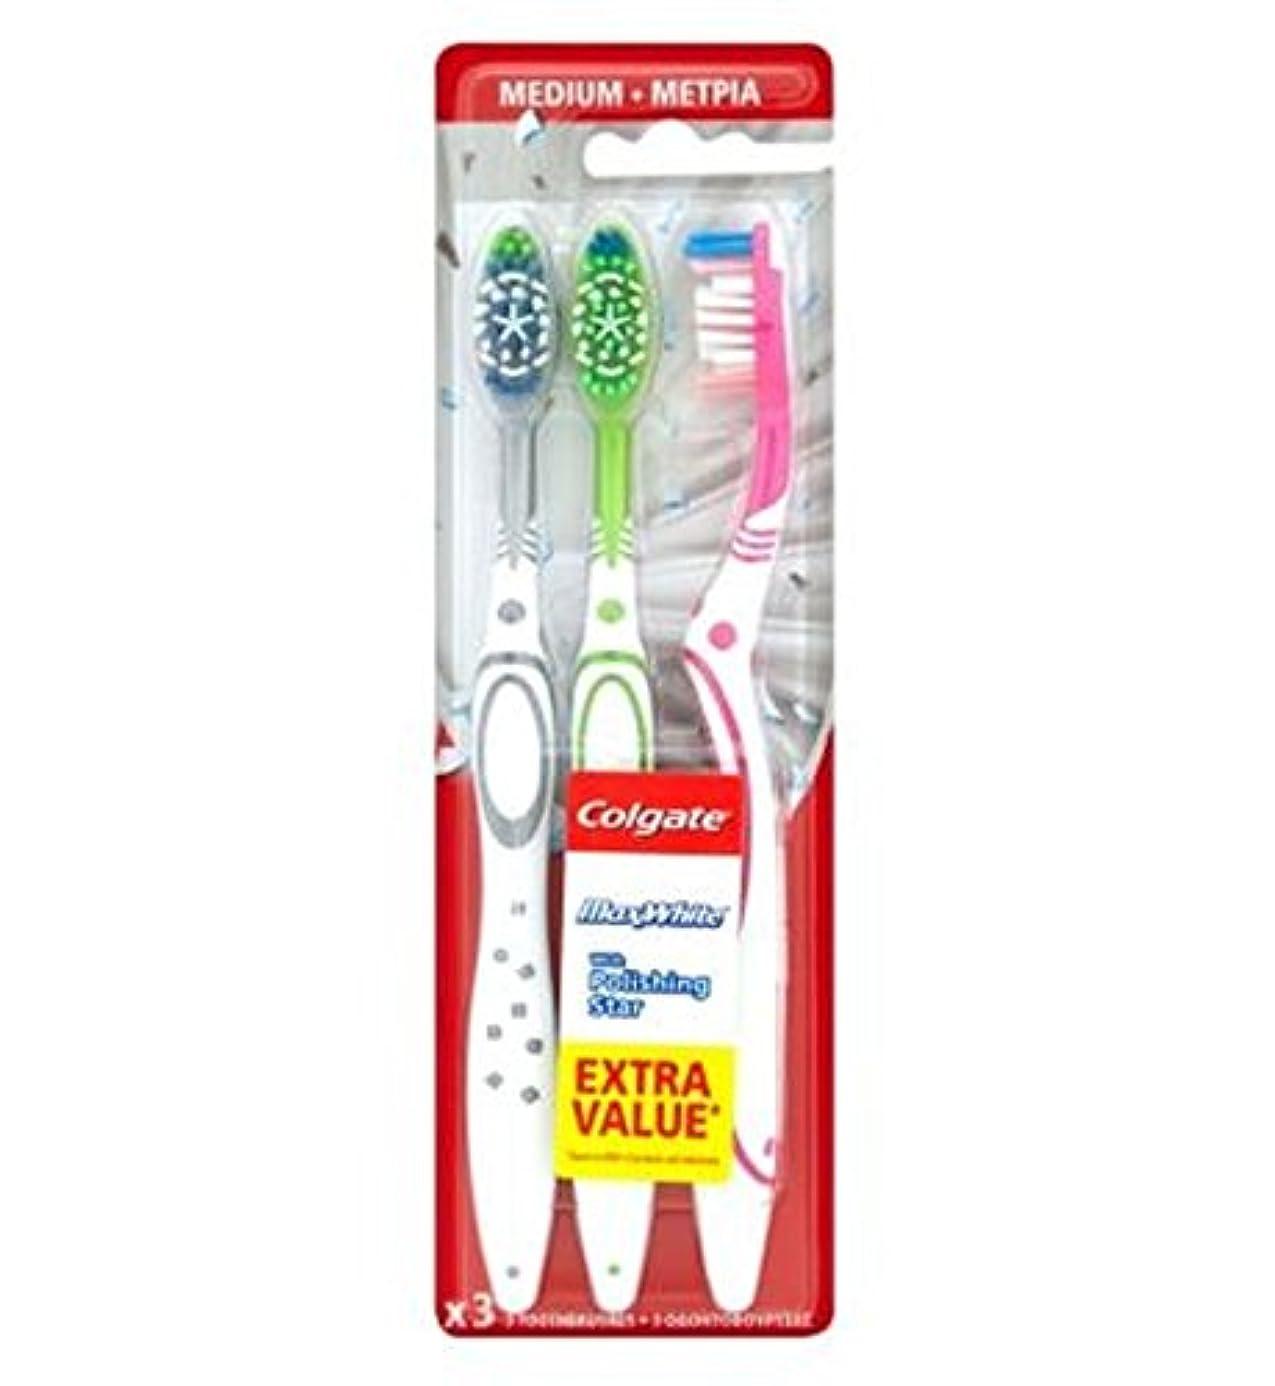 観客リーク膨張するコルゲートマックスホワイトトリプルパック歯ブラシ (Colgate) (x2) - Colgate Max White Triple Pack toothbrush (Pack of 2) [並行輸入品]